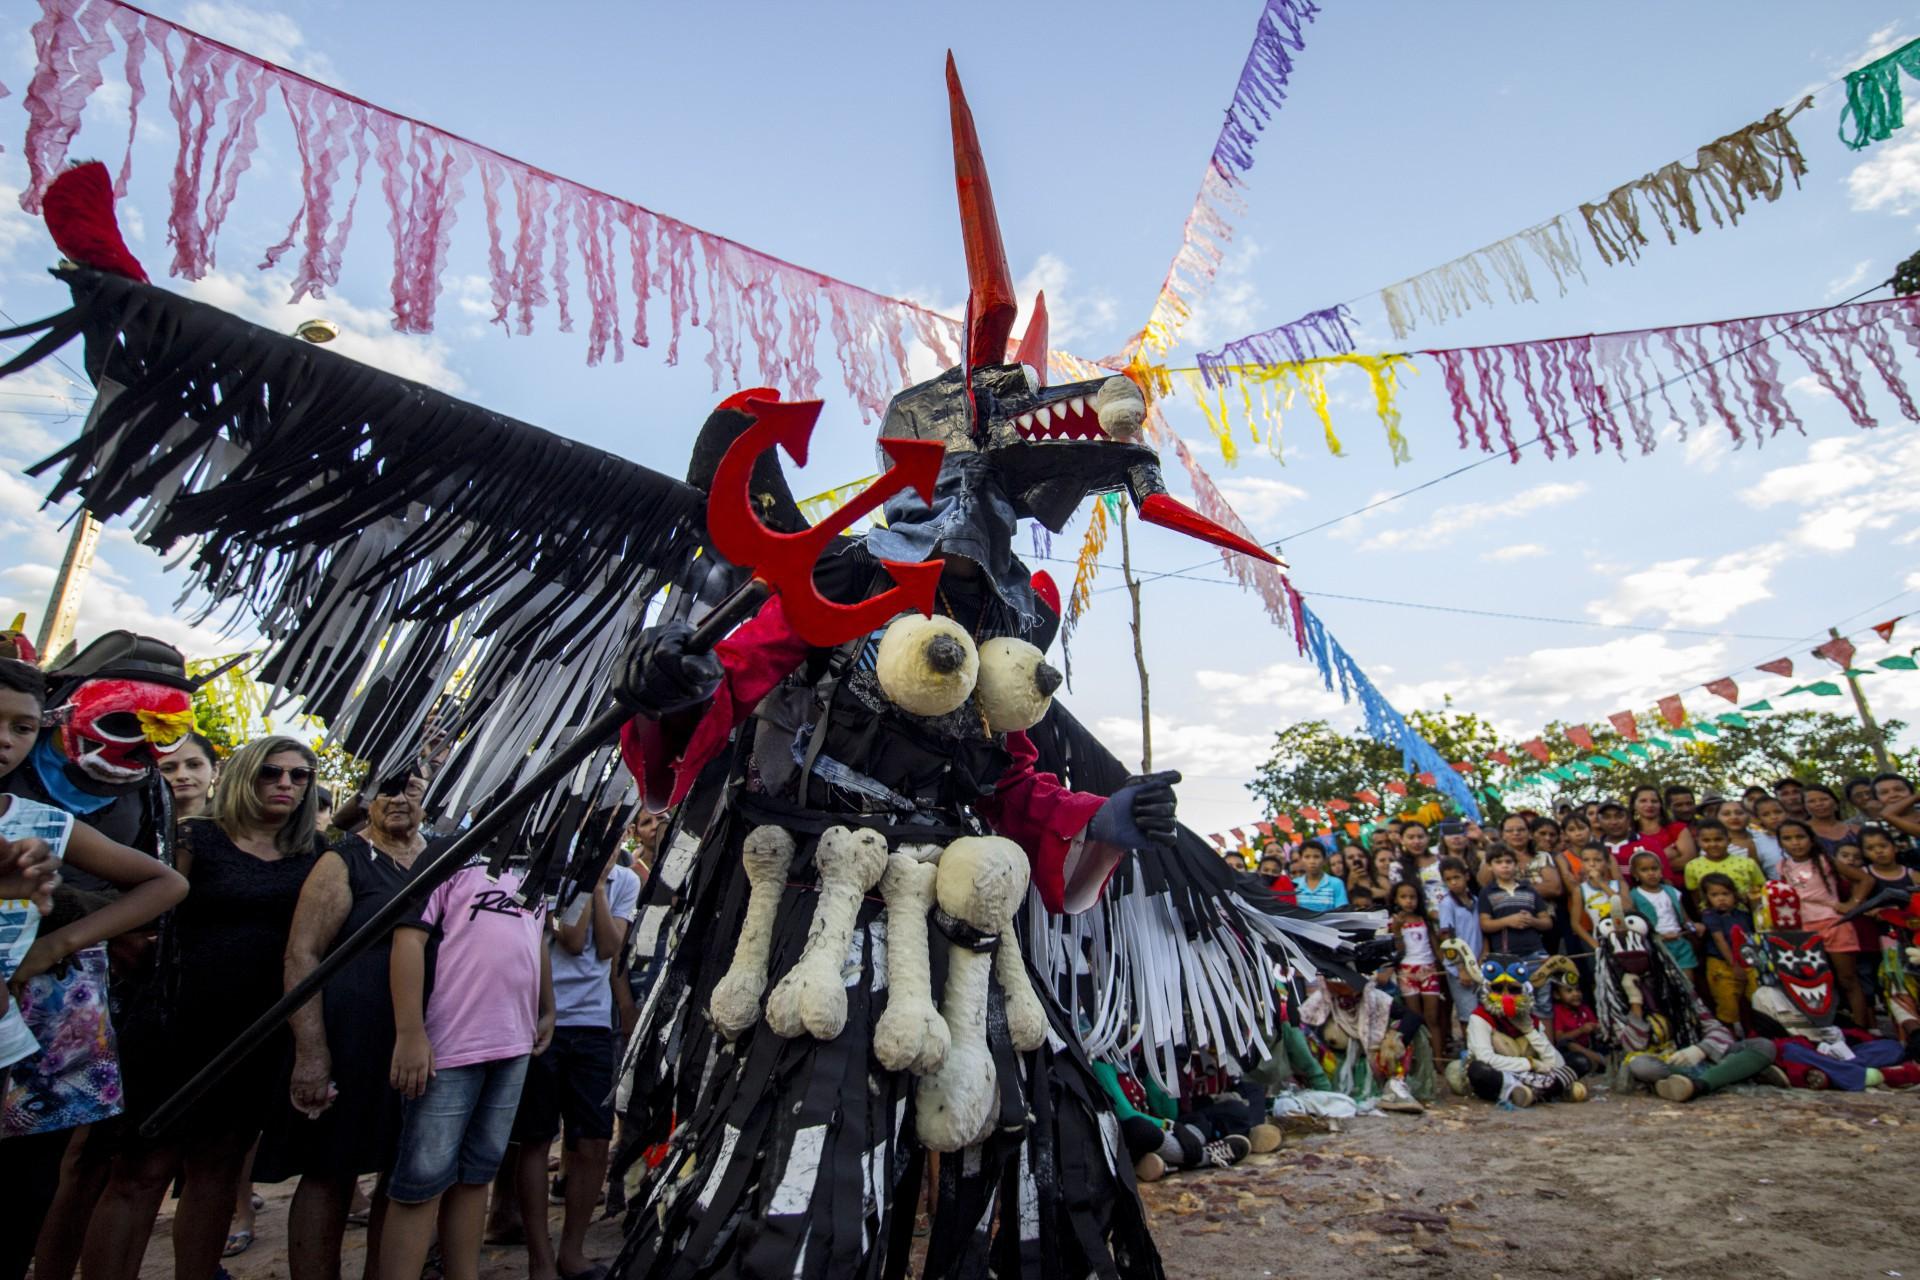 Festival de Caretas do Sítio Taquari em Barbalha, no Ceará